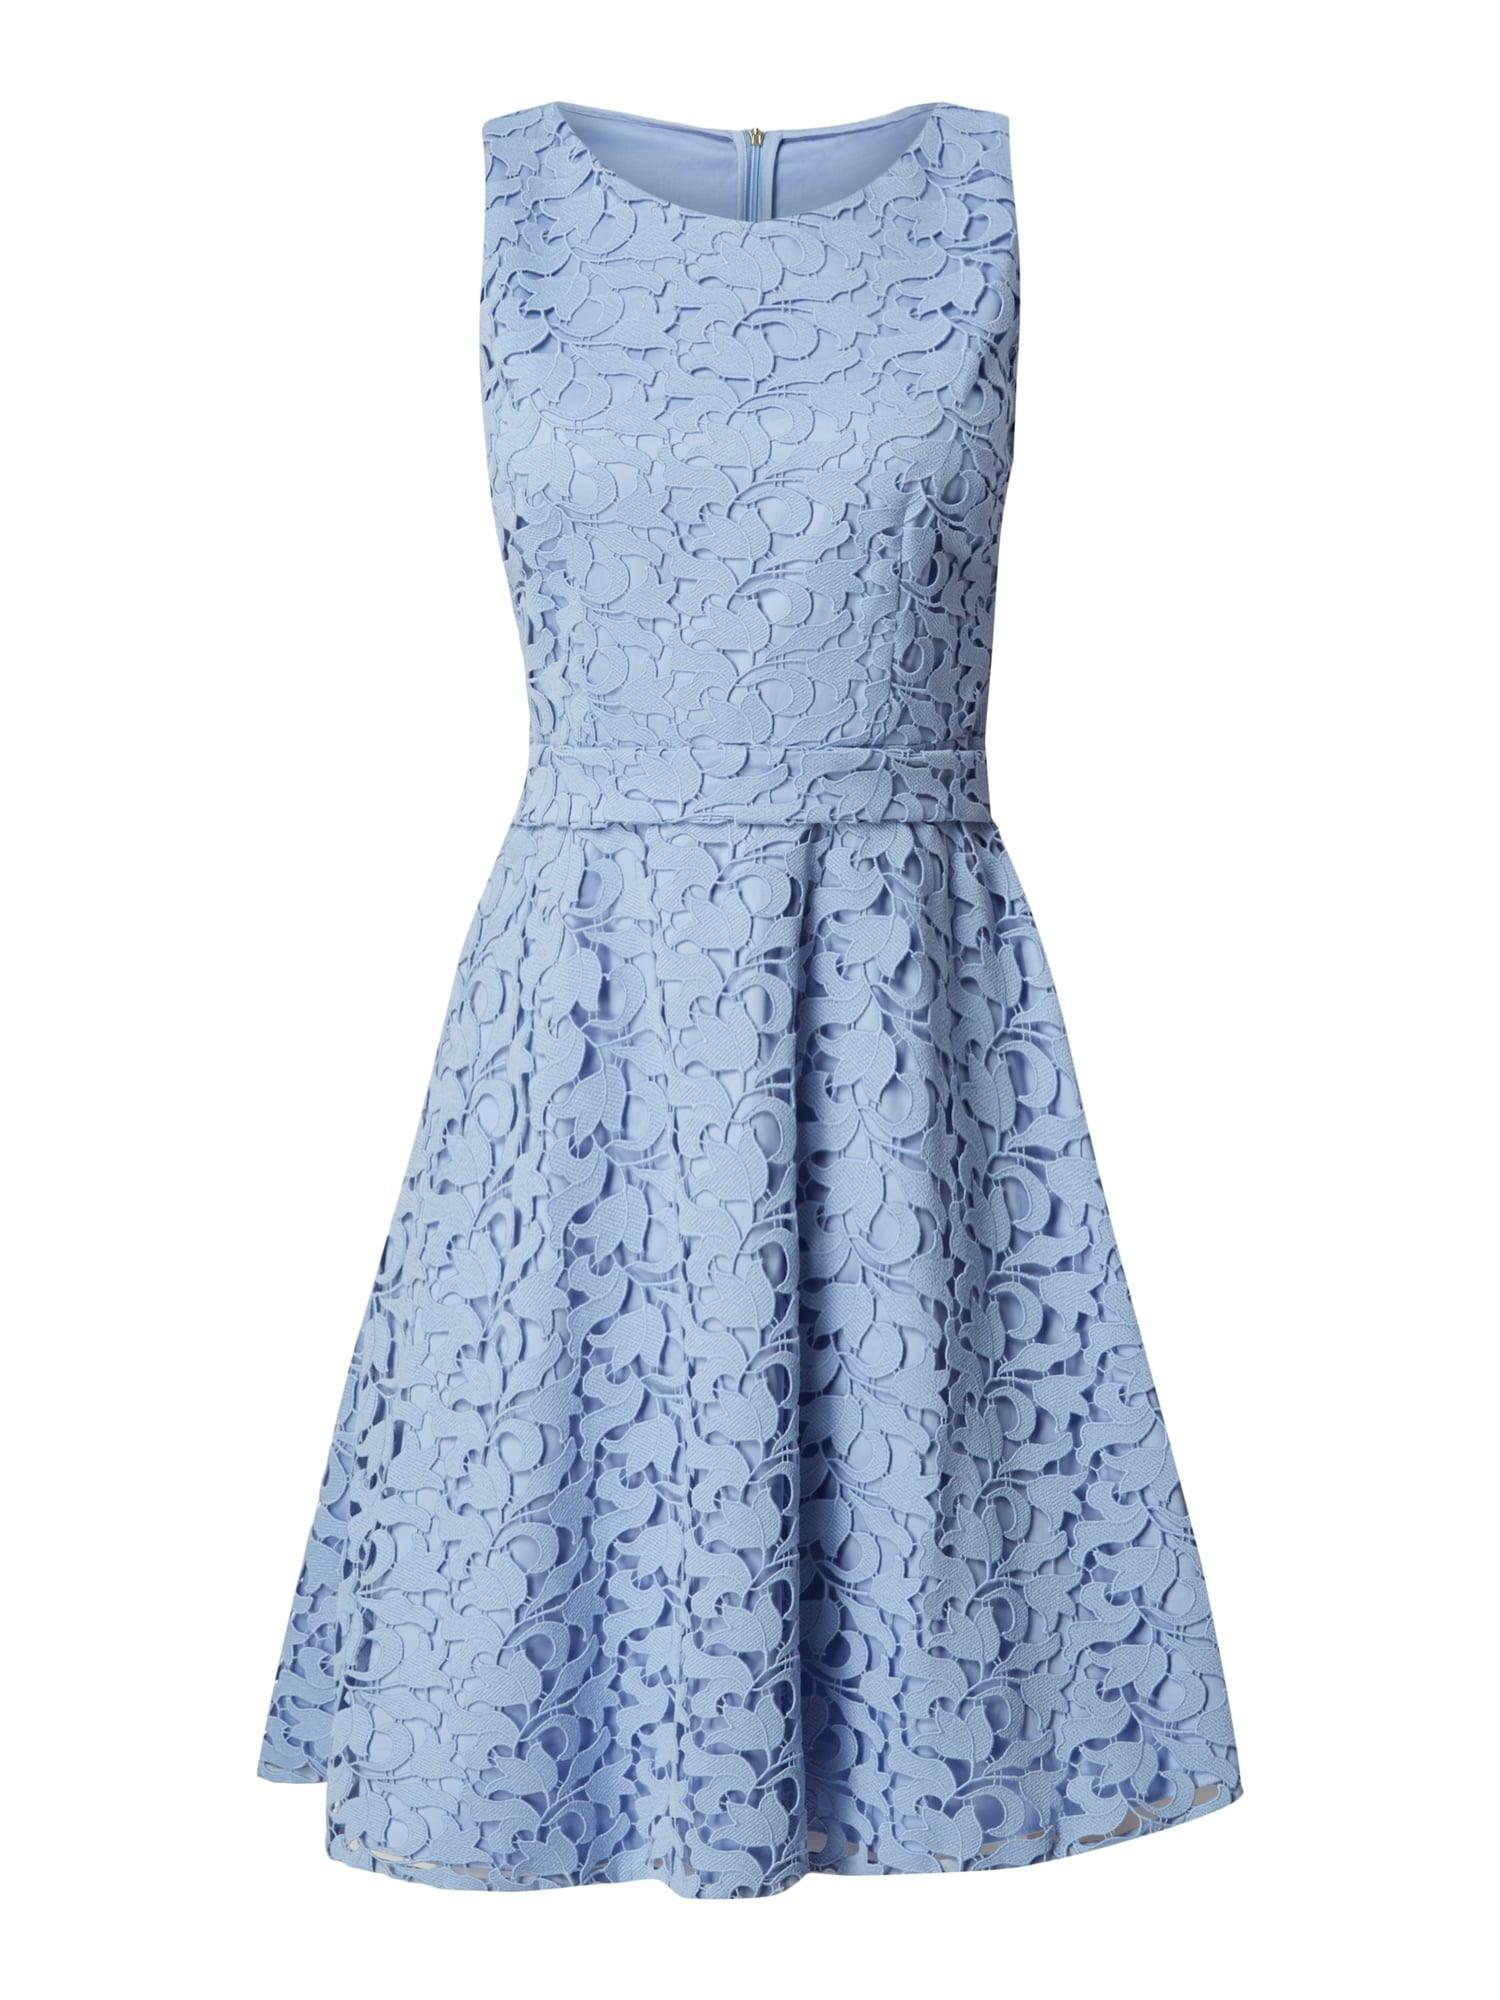 15 Genial Kleid Blau Mit Spitze Galerie Spektakulär Kleid Blau Mit Spitze Vertrieb